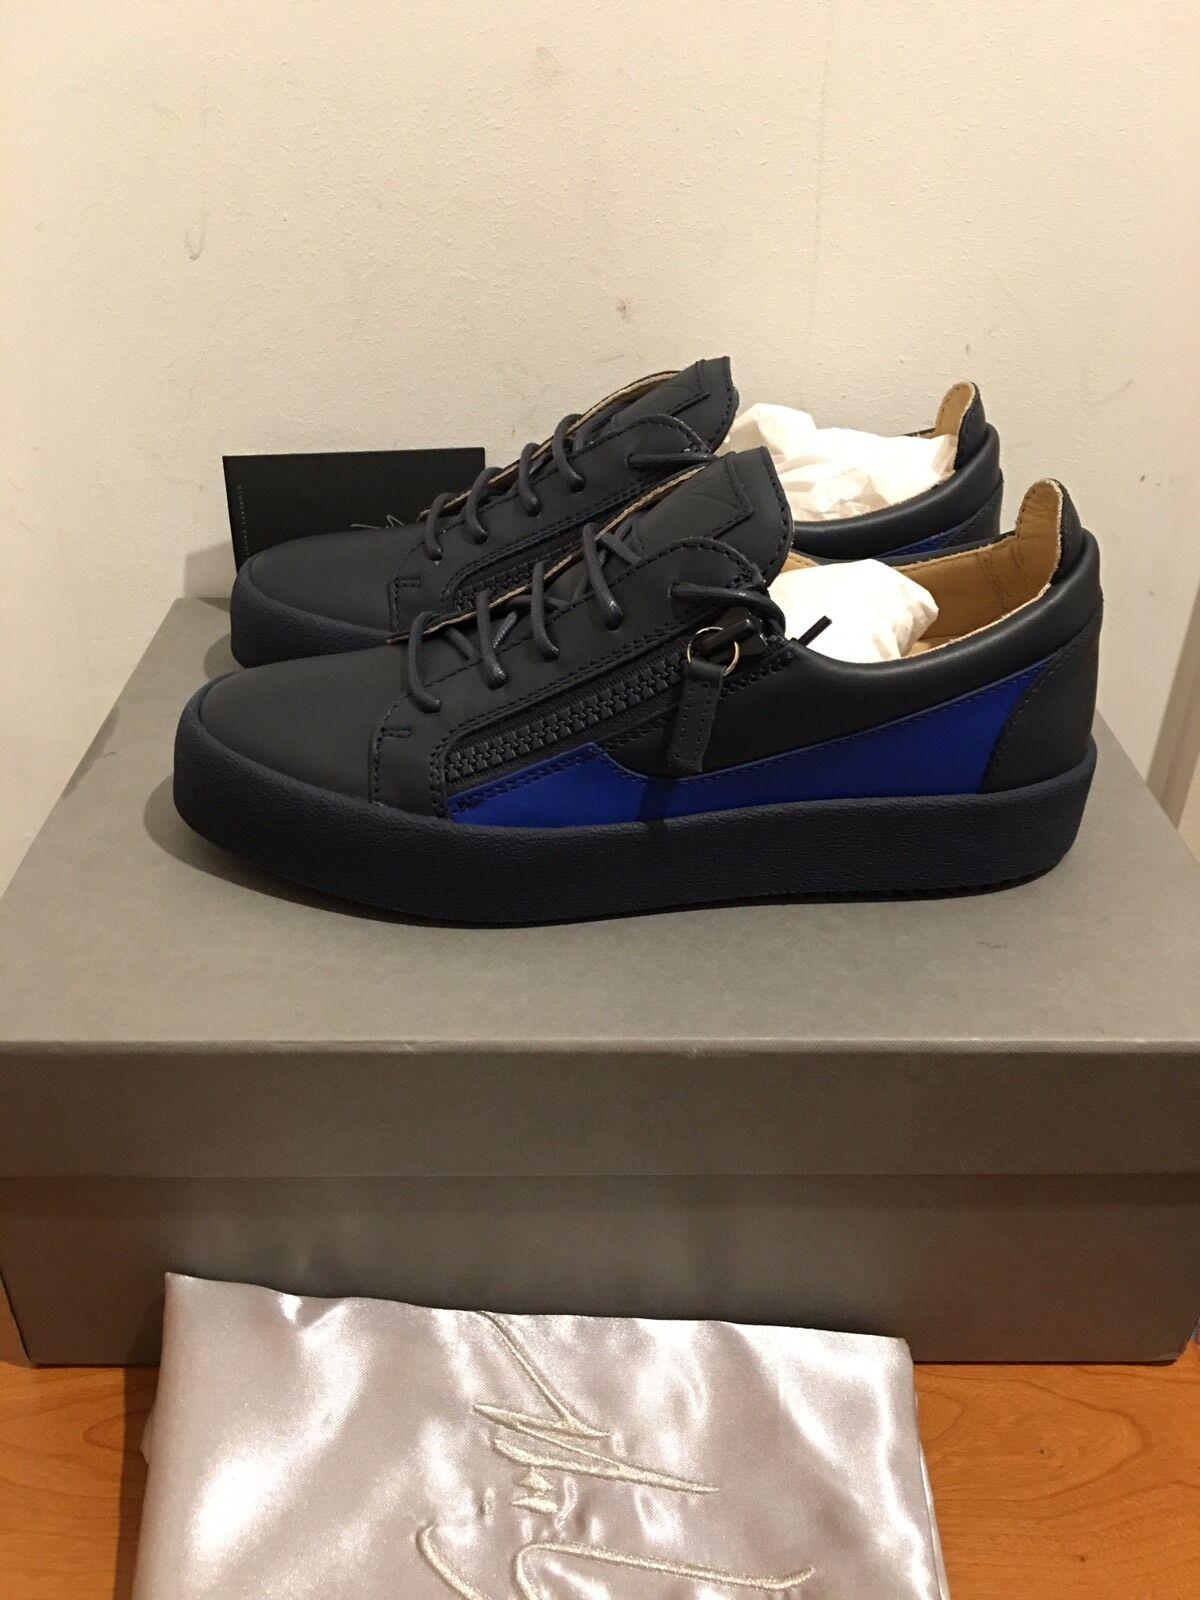 GIUSEPPE ZANOTTI Sneaker Basse Misura Con Pannello A Contrasto Misura Basse /EU41 9eb3f1